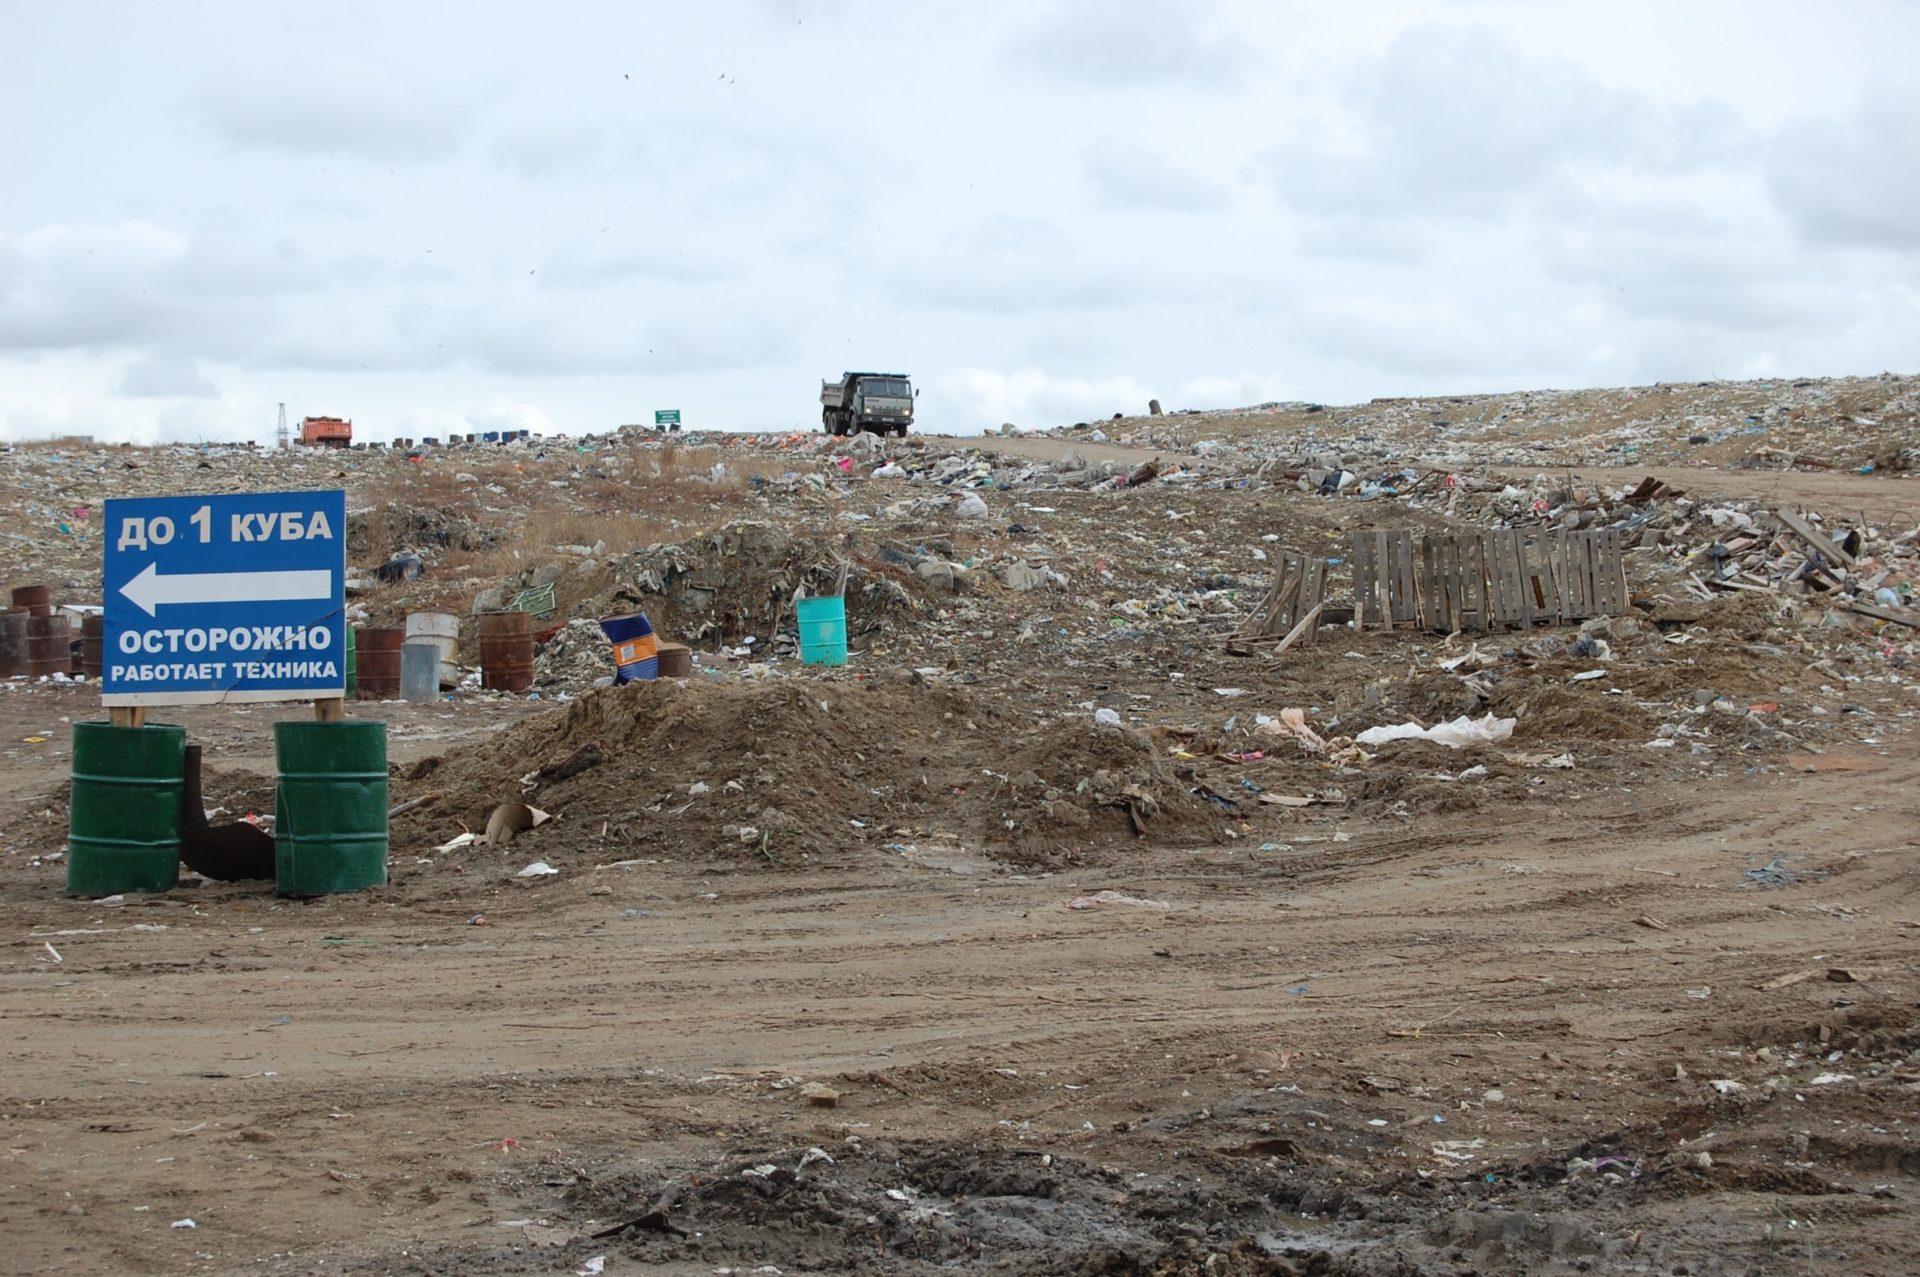 Региональный оператор «Якутскэкосети» задолжал более 100 миллионов рублей за услуги по захоронению отходов